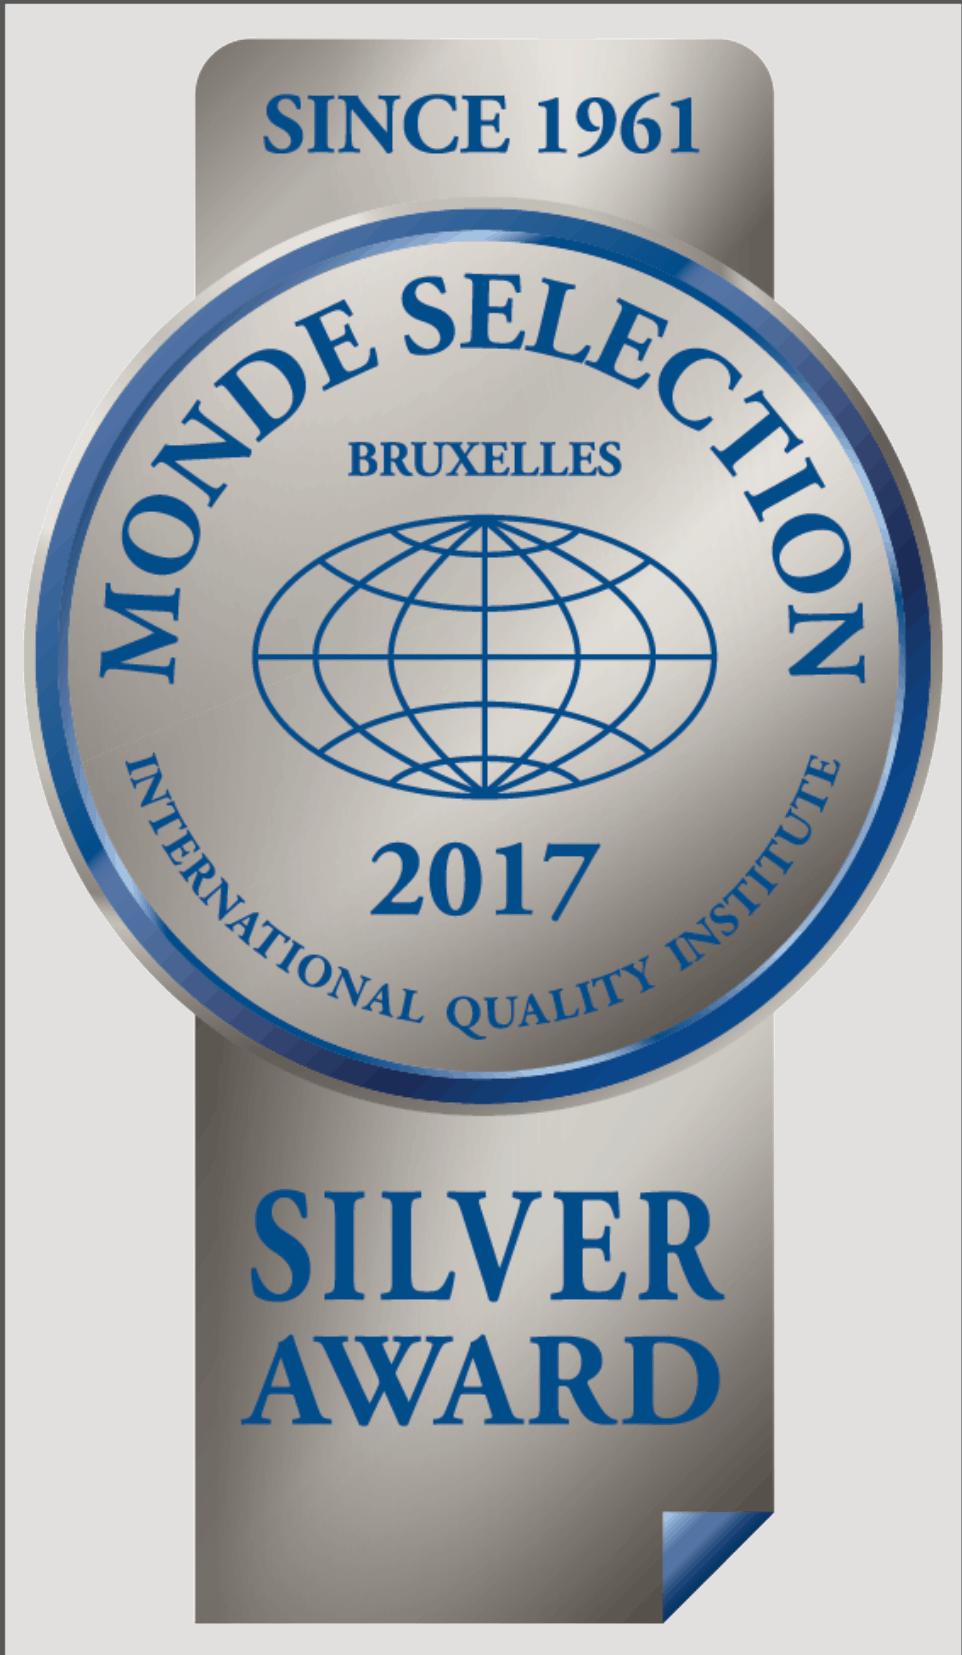 Monde-Selection-Silver-Quality-Award-2017